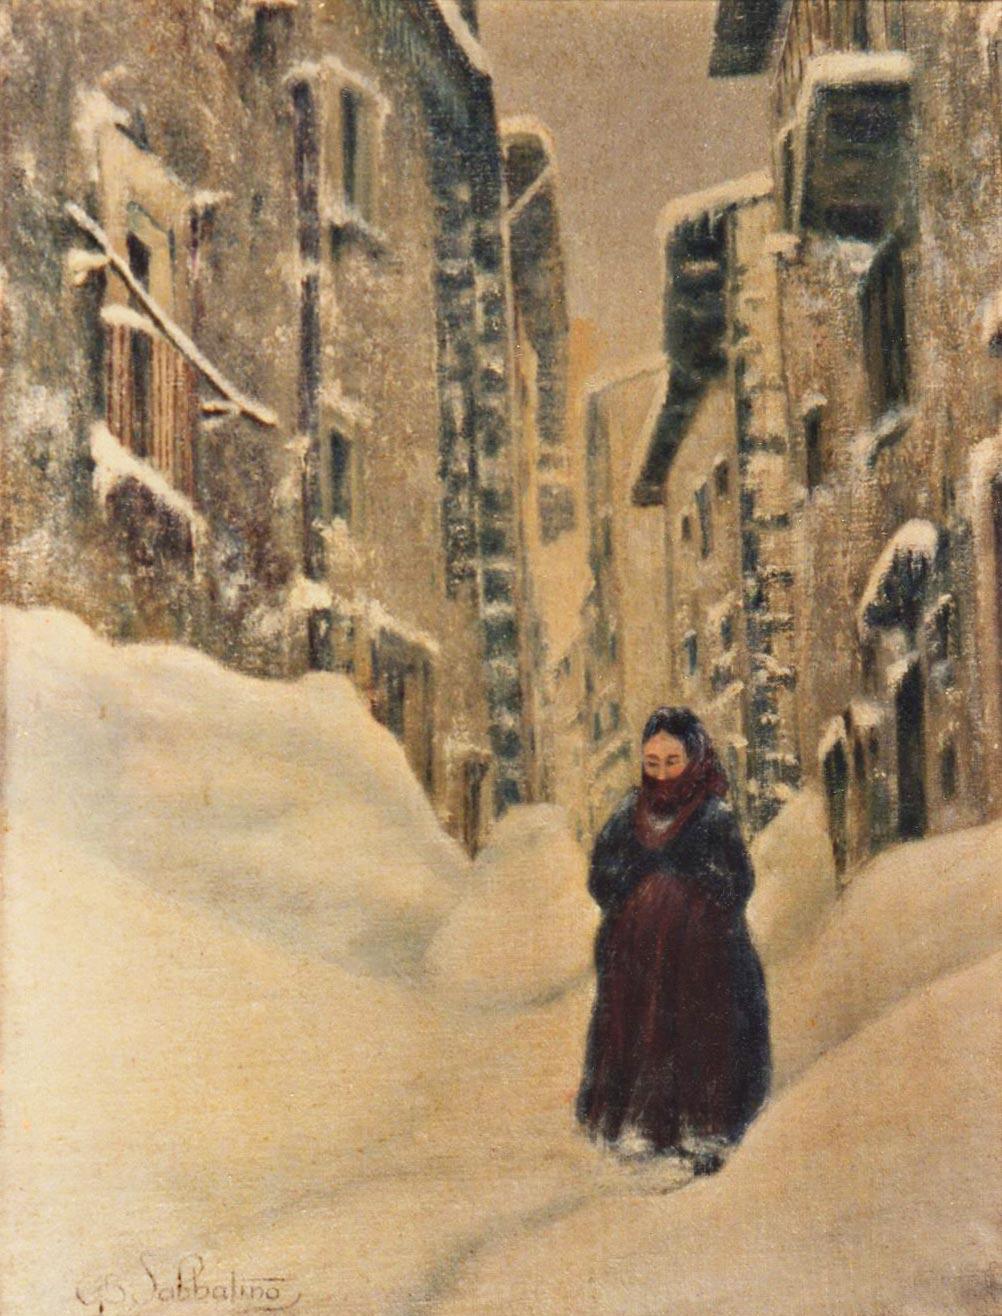 quadri paesaggi Scanno abruzzo faesite Sabbatino